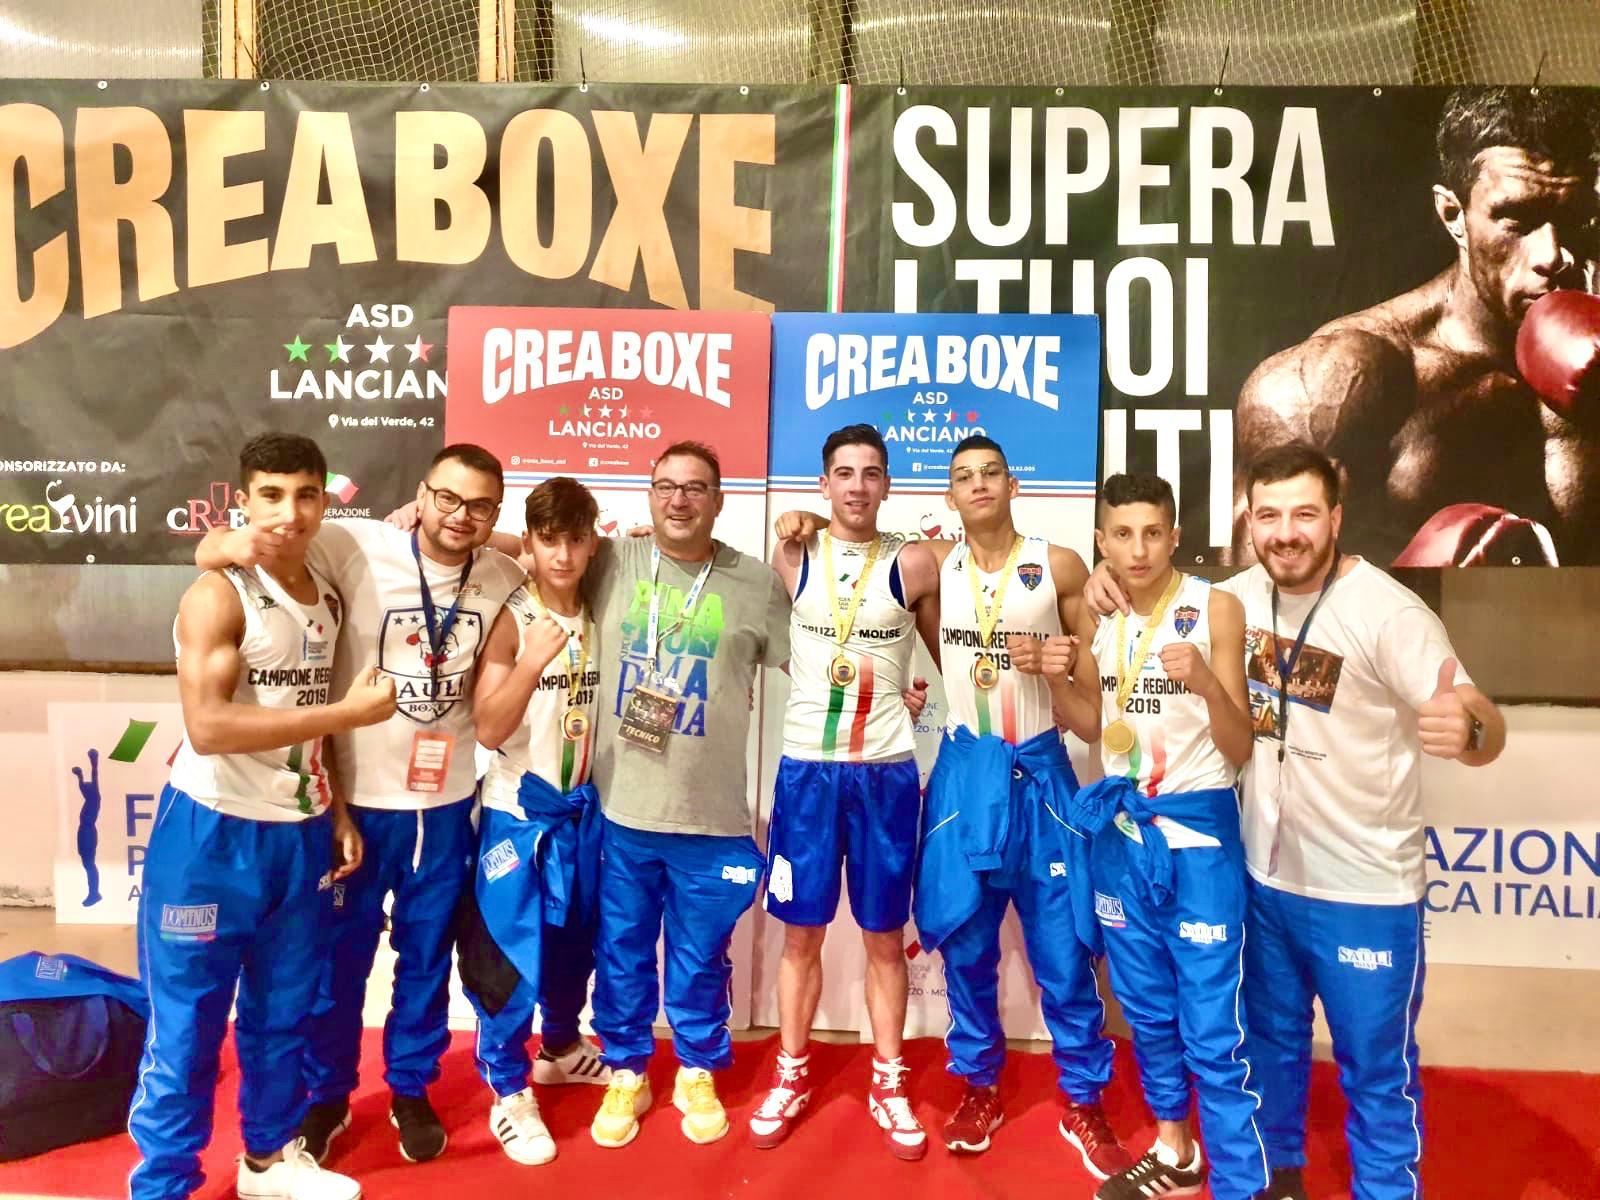 La Sauli Boxe di Civitella Roveto stravince, 5 campioni e 5 medaglie